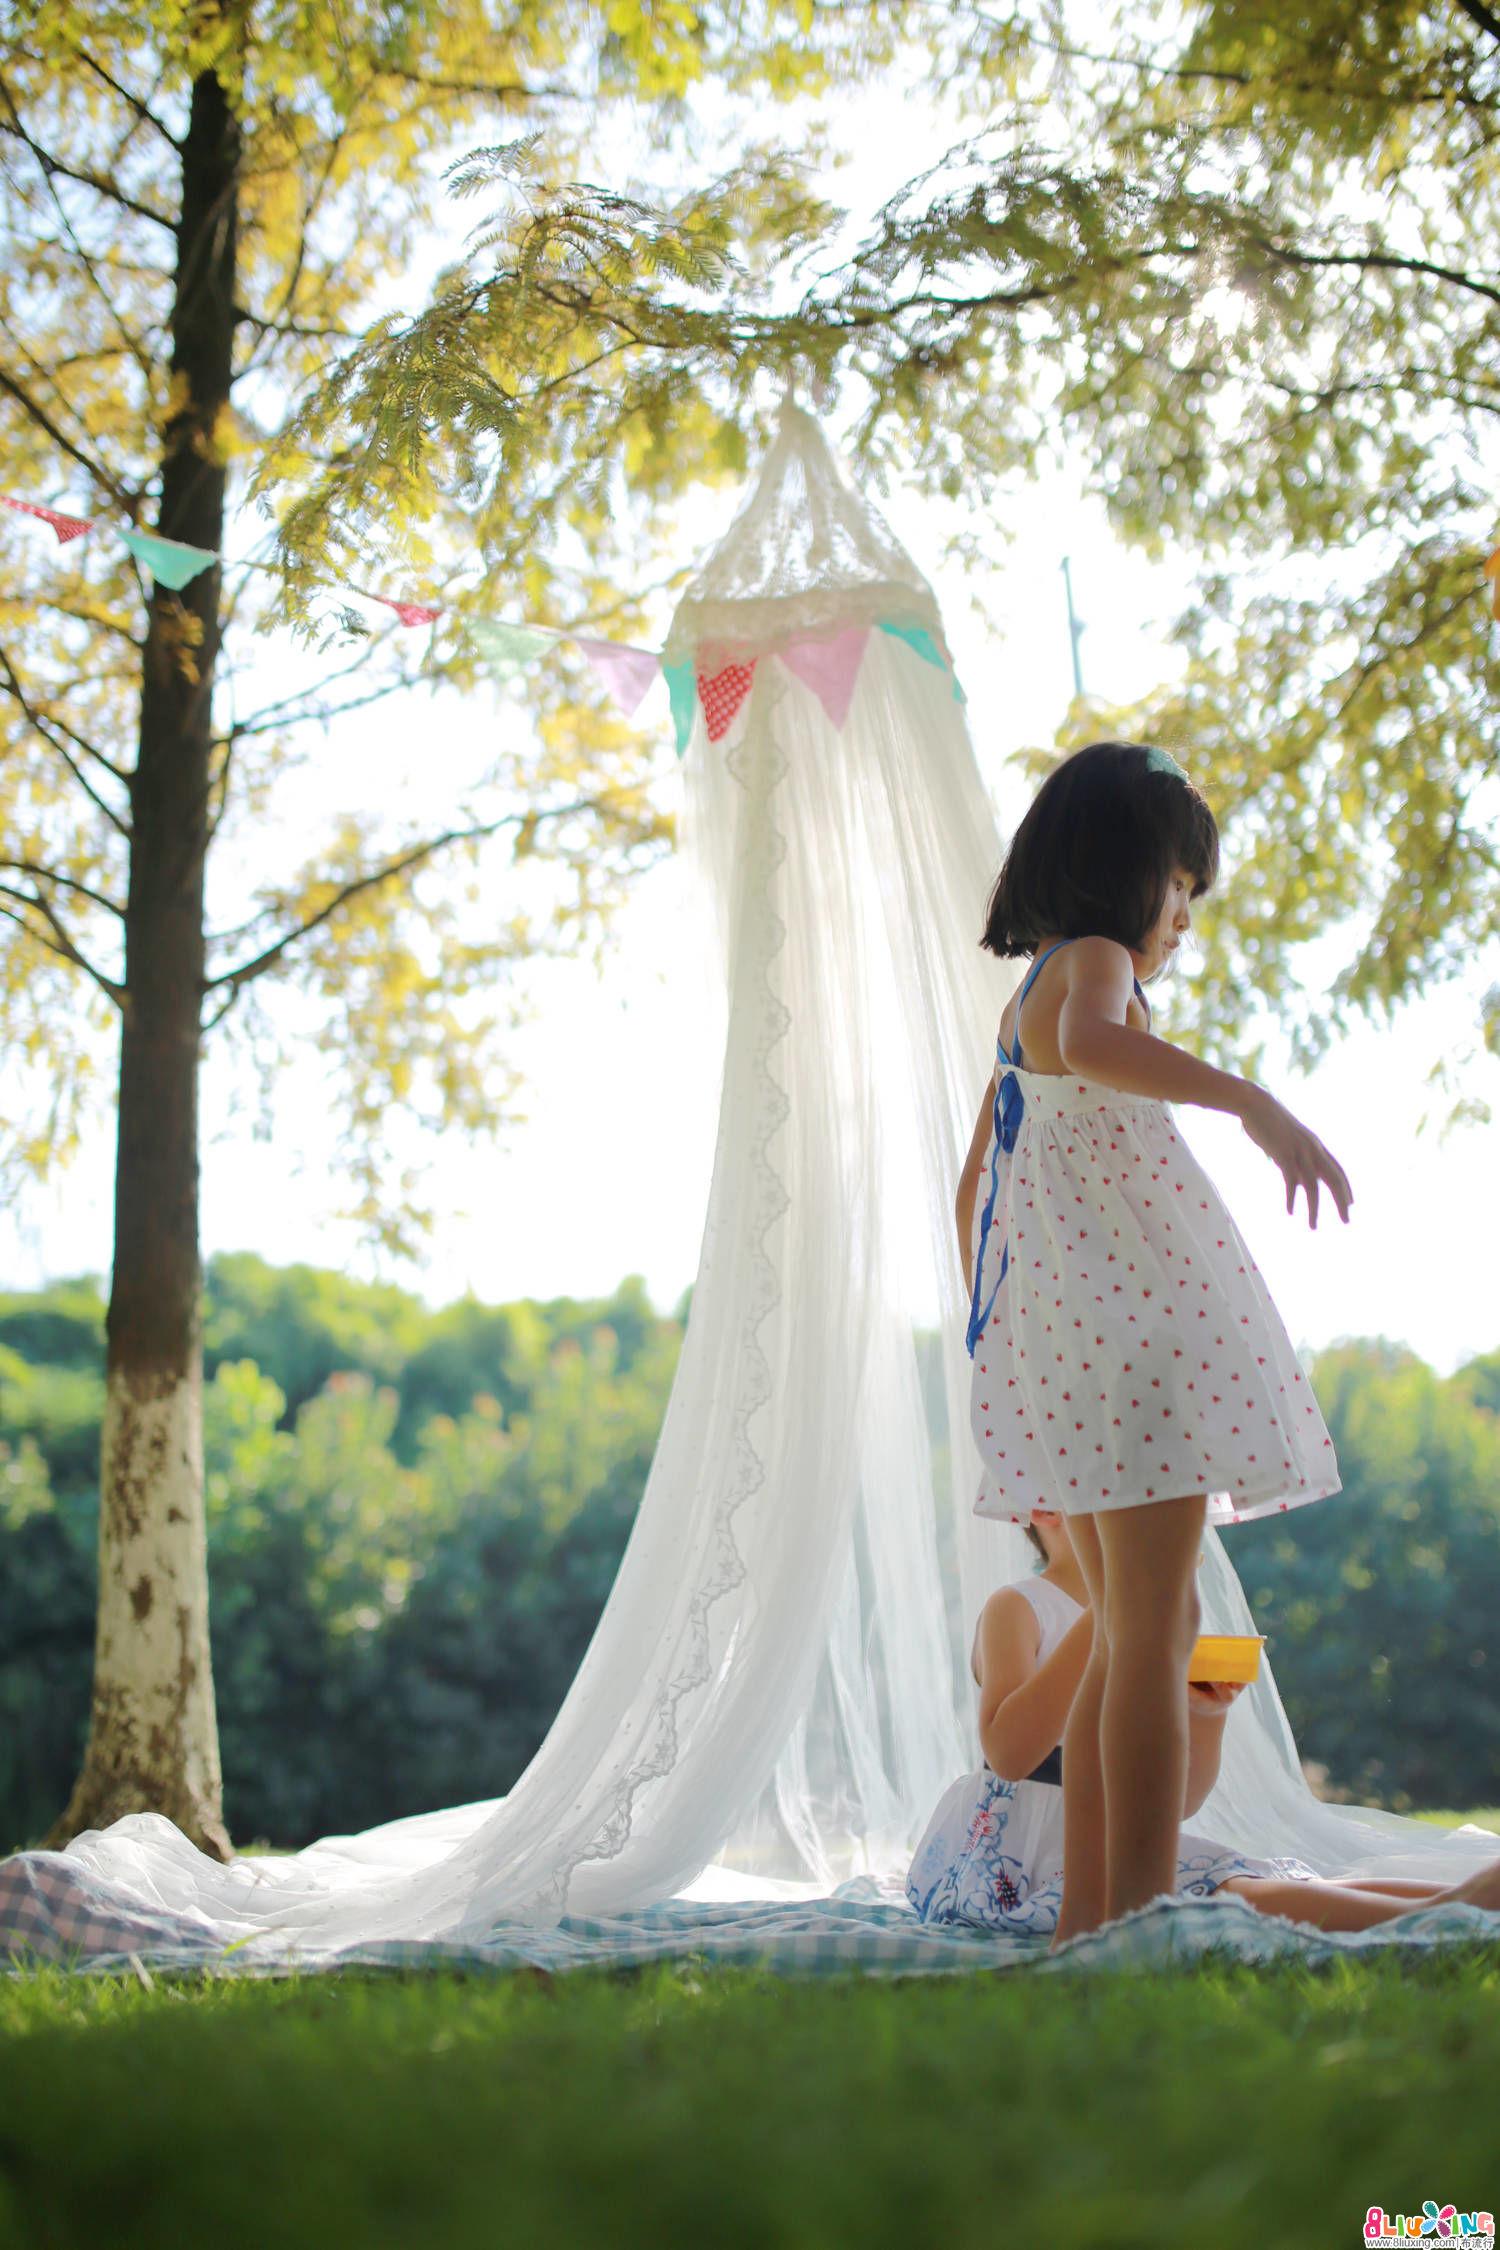 【哎布布】圆顶帐篷!为甜美午后而打造!附闺蜜SHOW